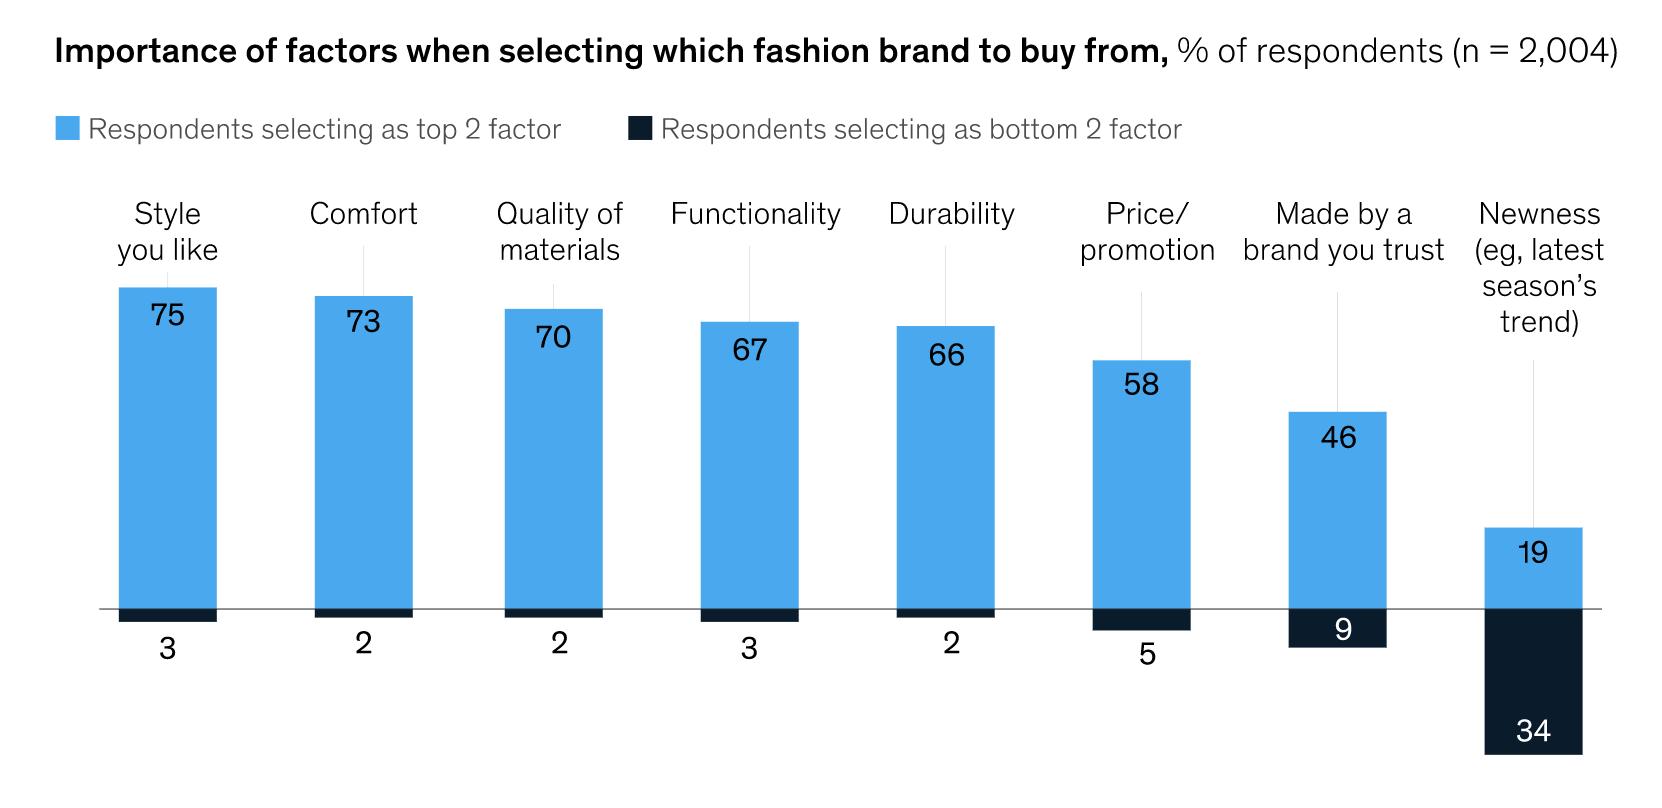 la novedad no es tan importante al comprar moda